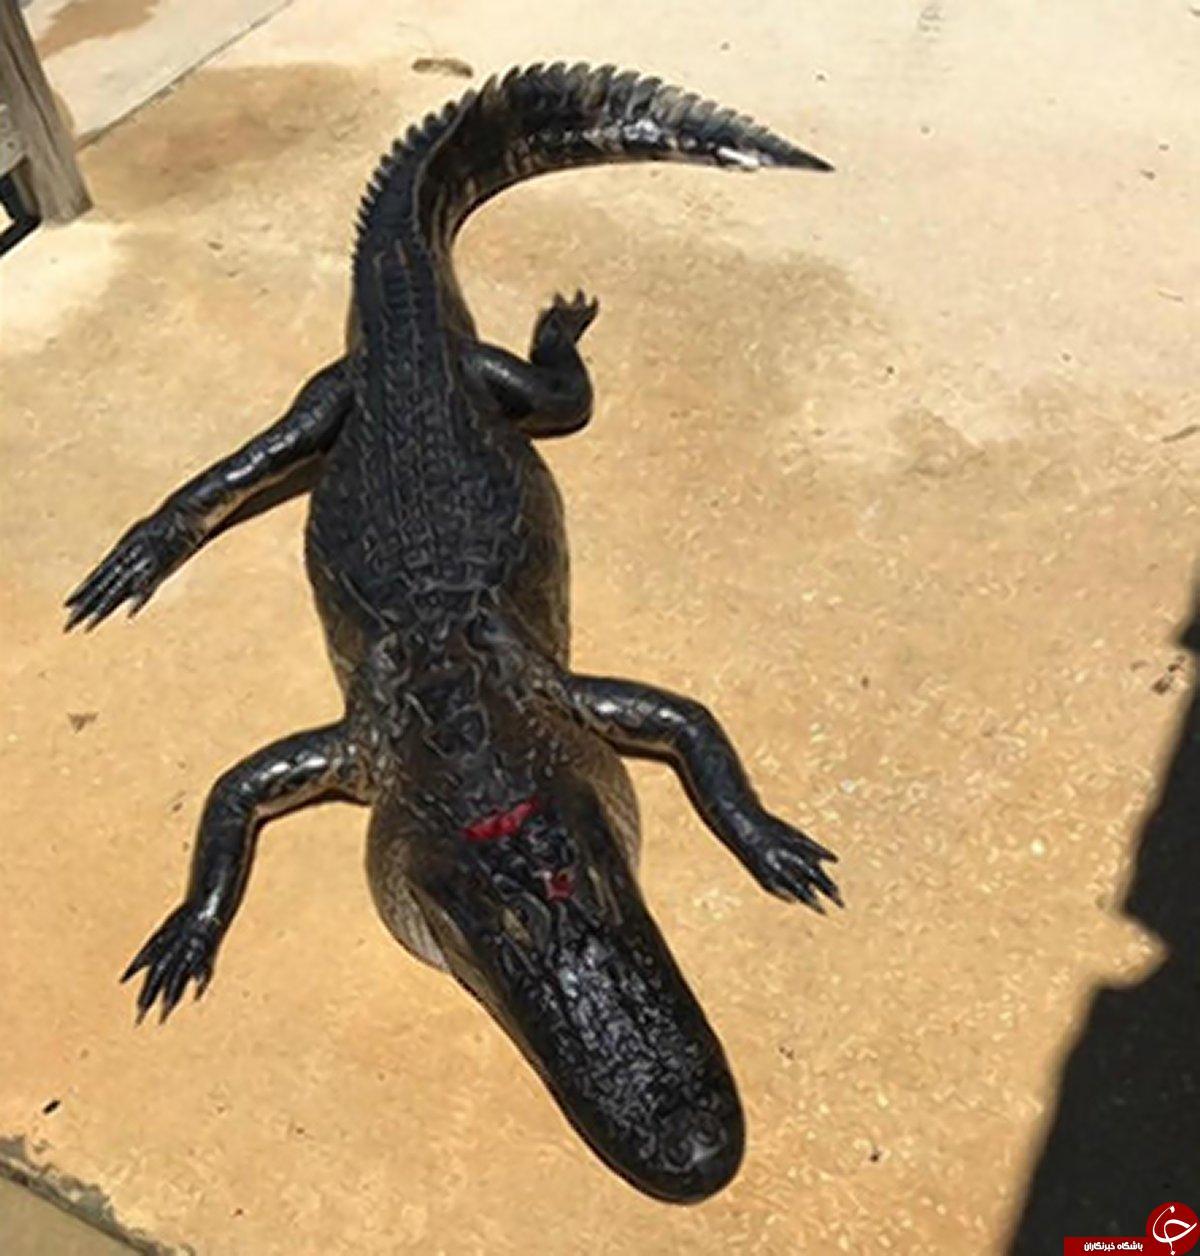 فرار معجزه آسای دختر 10 ساله از تمساح 3 متری   تصاویر